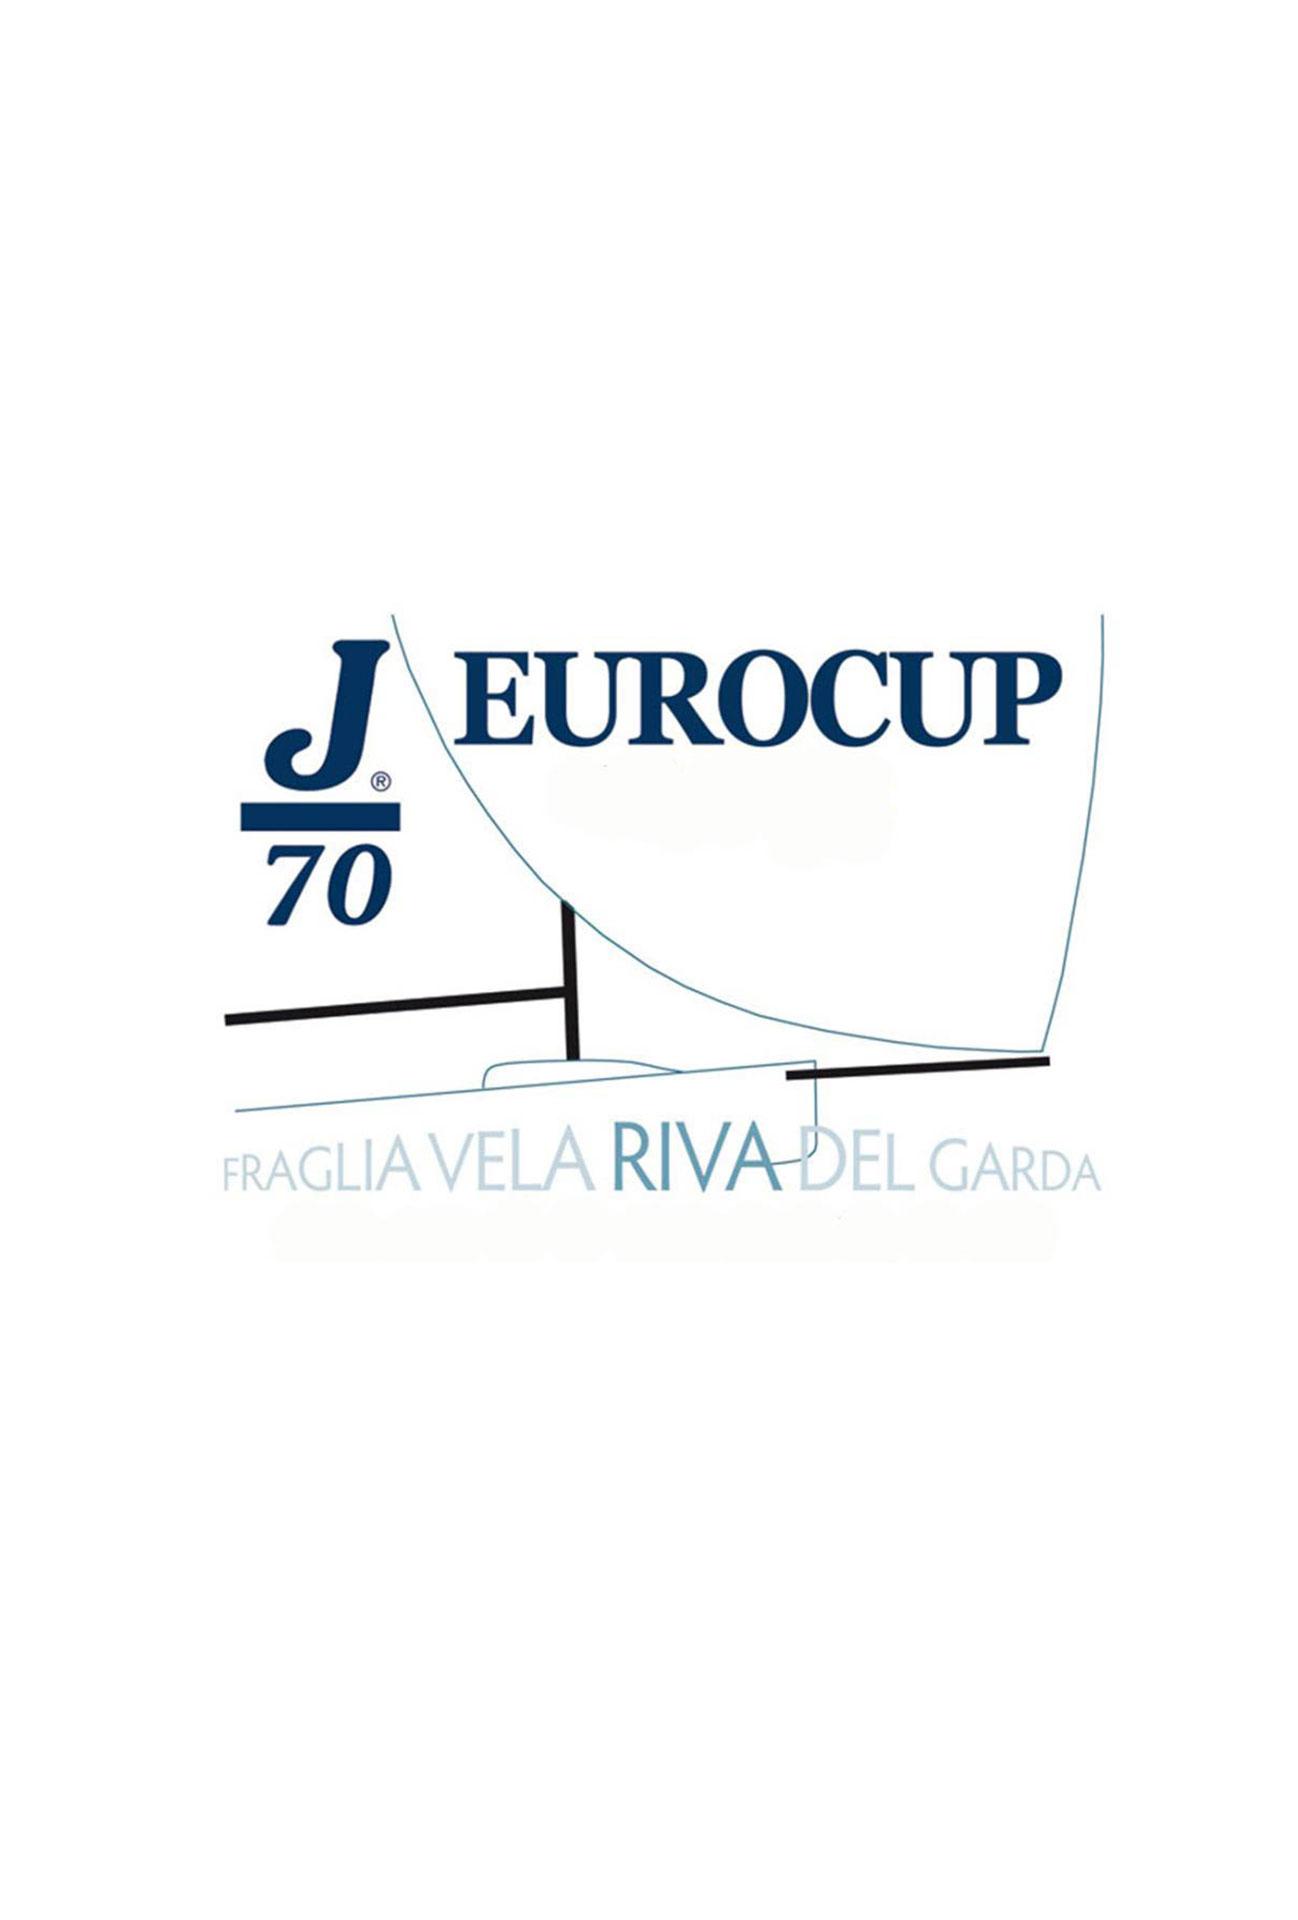 j70eurocup-fraglia-elenagiolai_p